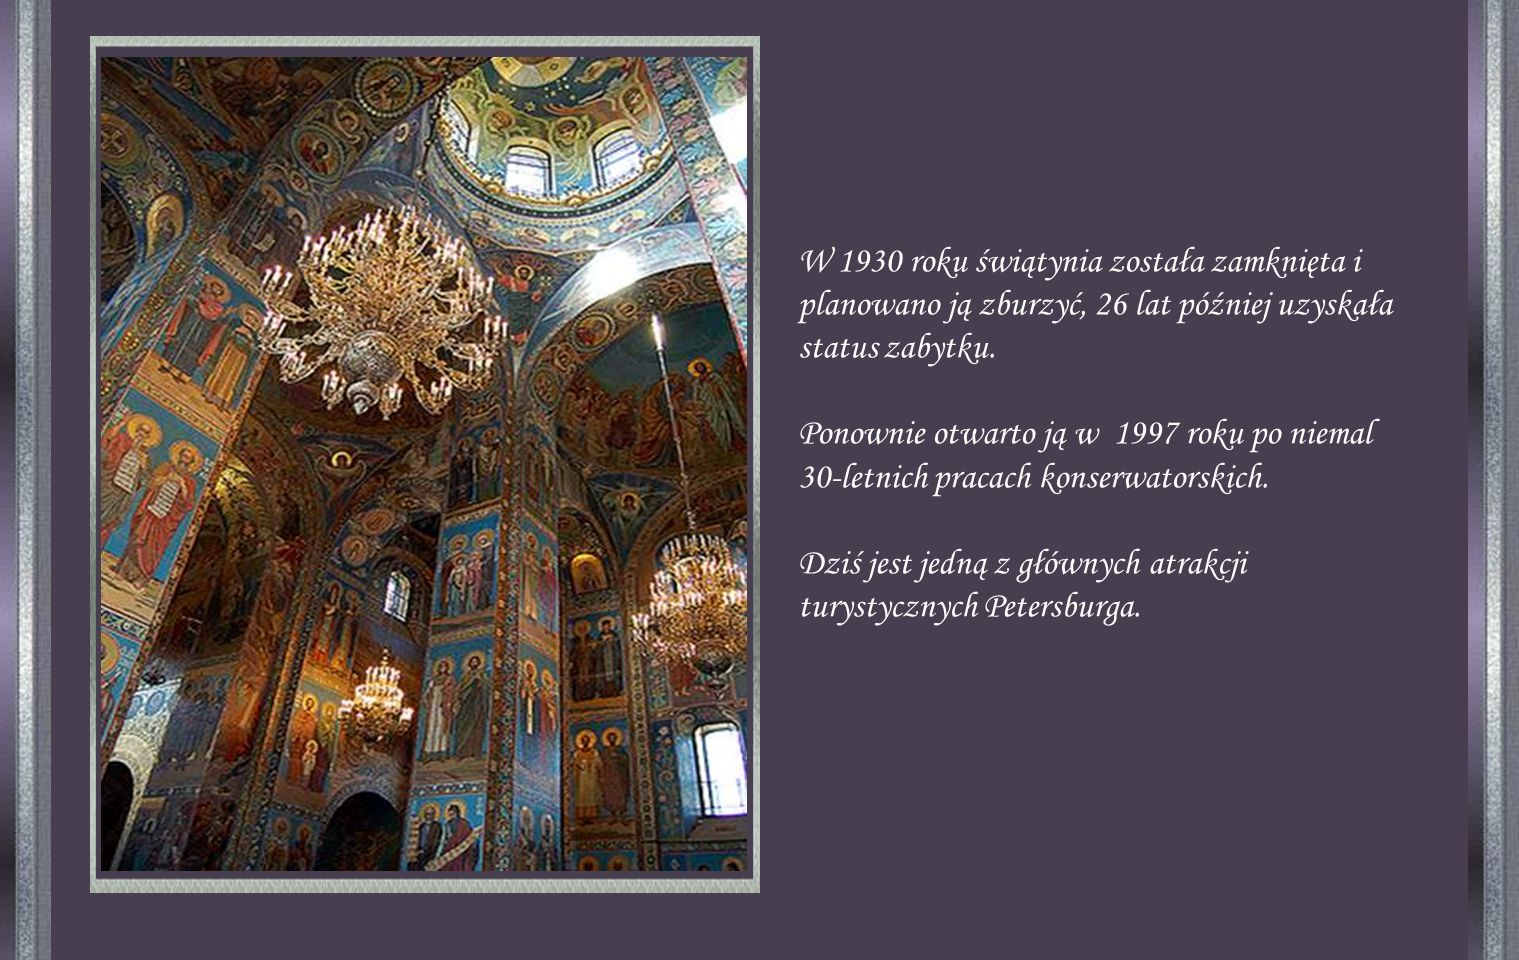 Wnętrze niemal całkowicie pokryte jest dekoracją mozaikową.